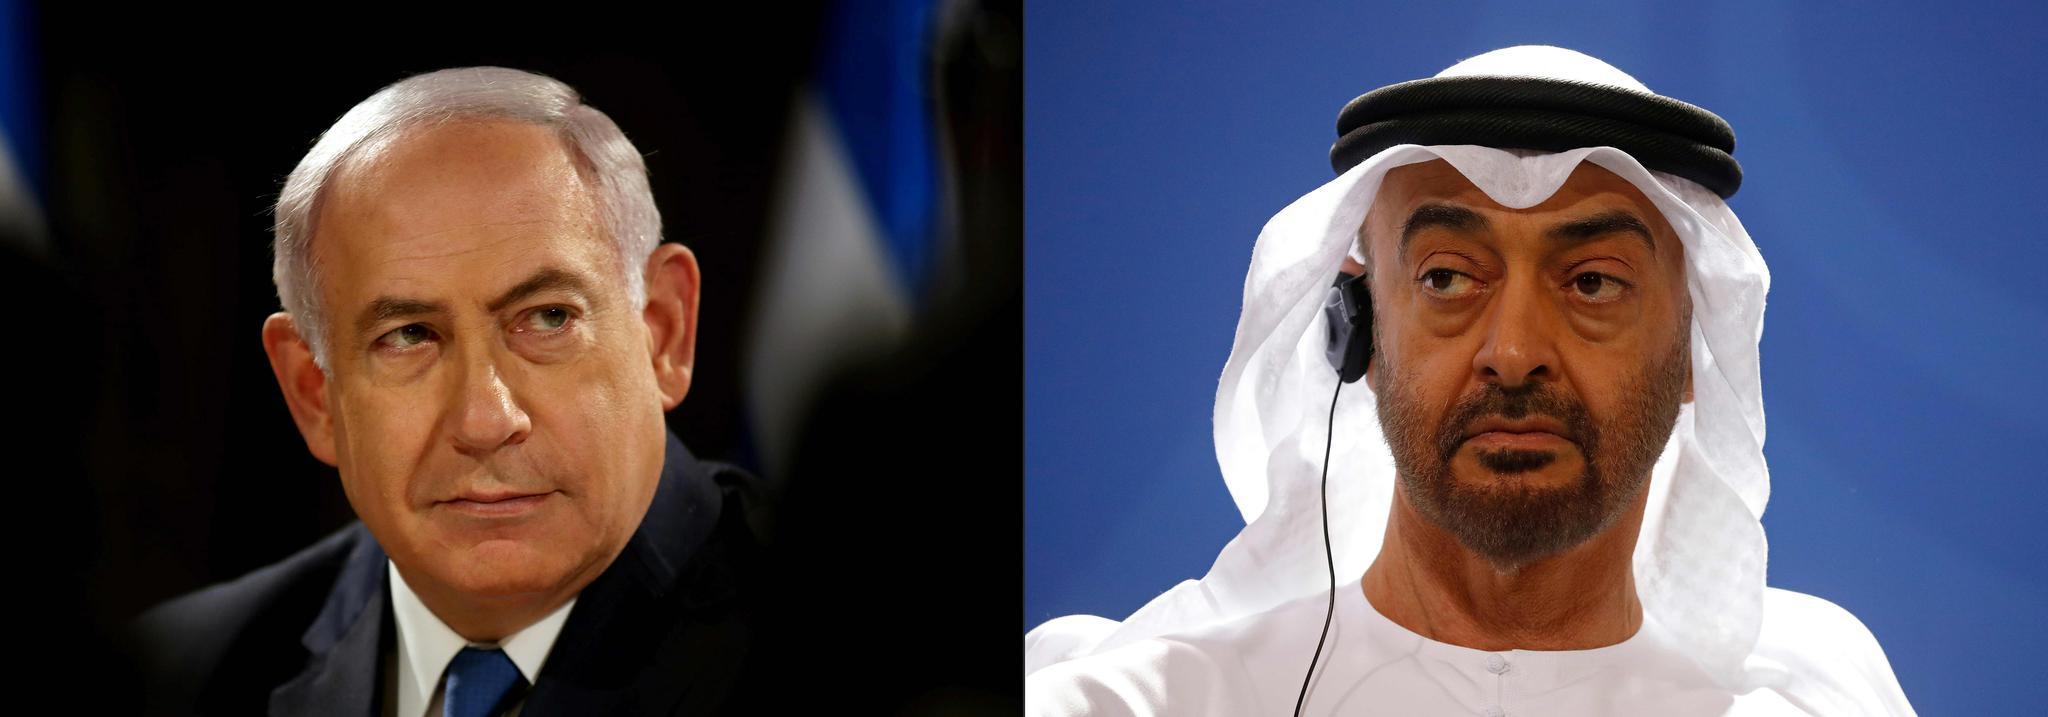 澎湃:阿以关系正常化与阿拉伯世界的自我建构